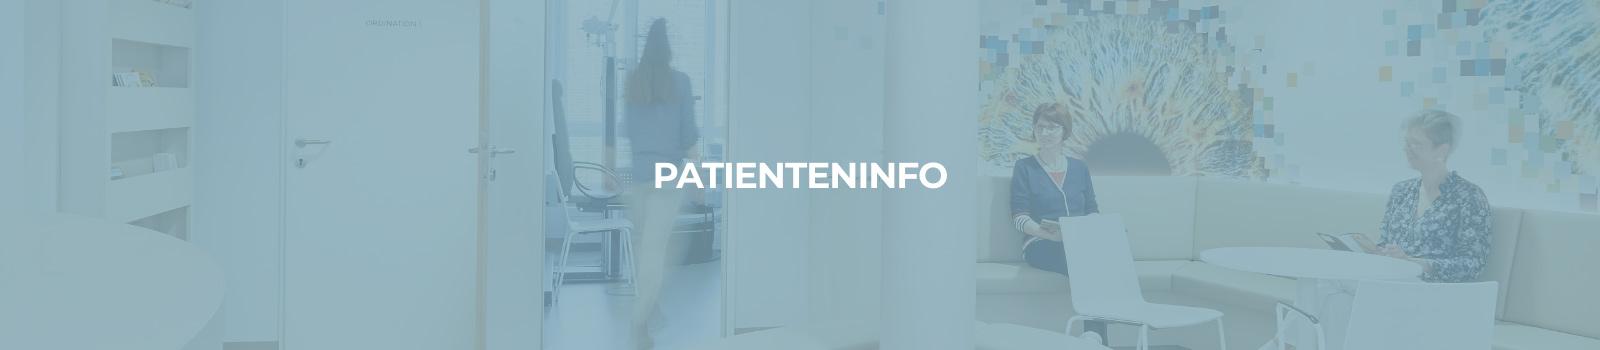 patienteninfo-png